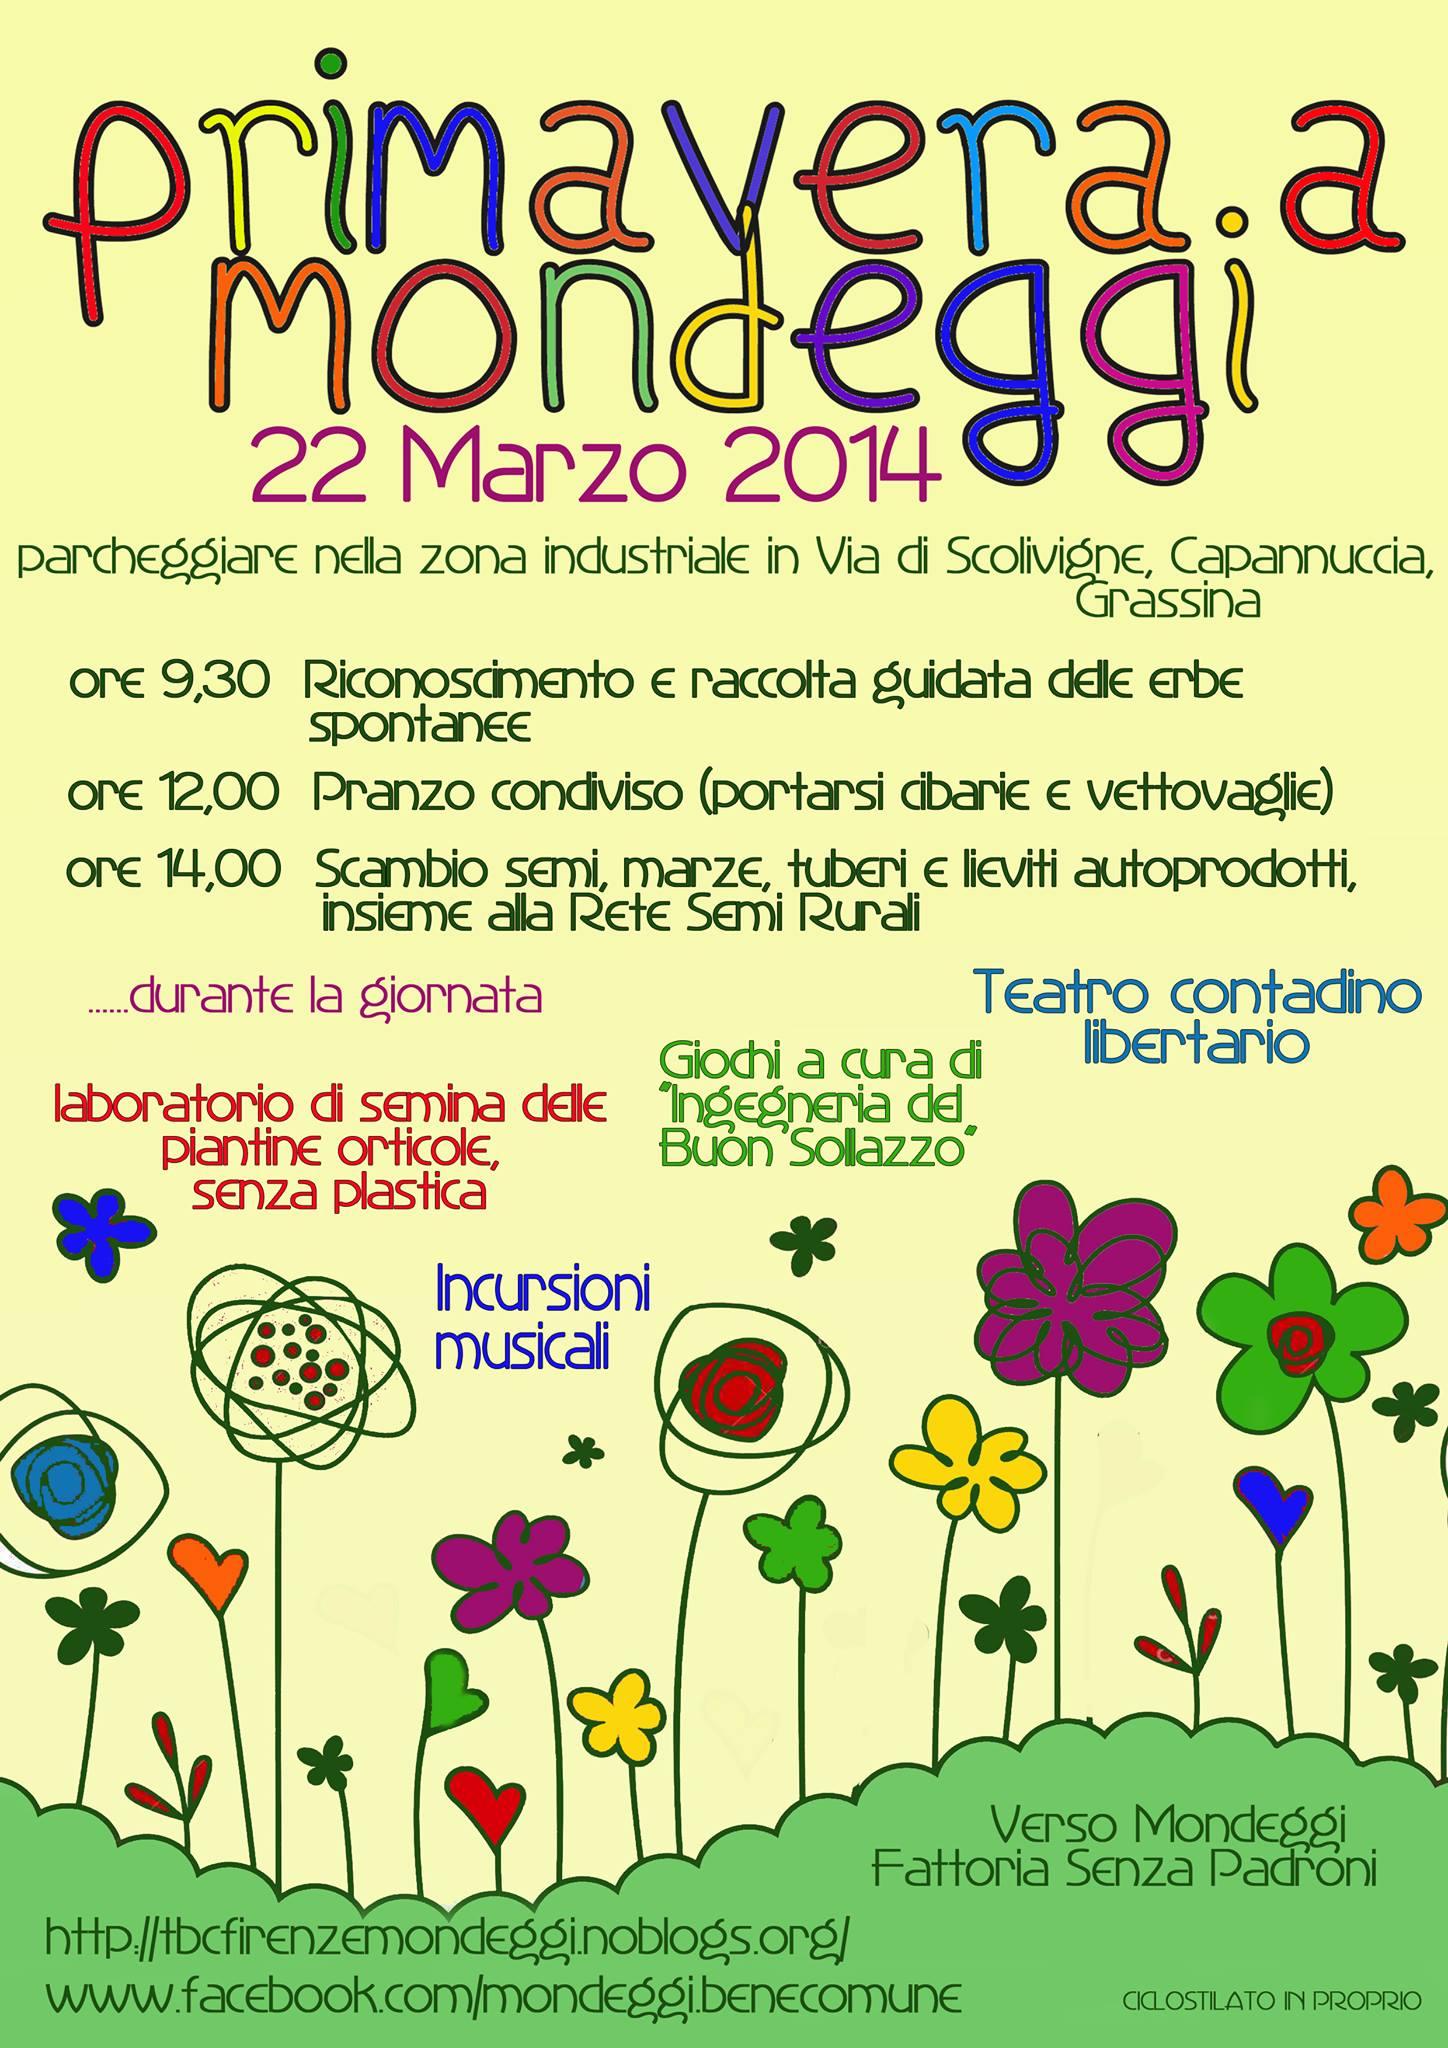 Primavera a Mondeggi 22/3/2014